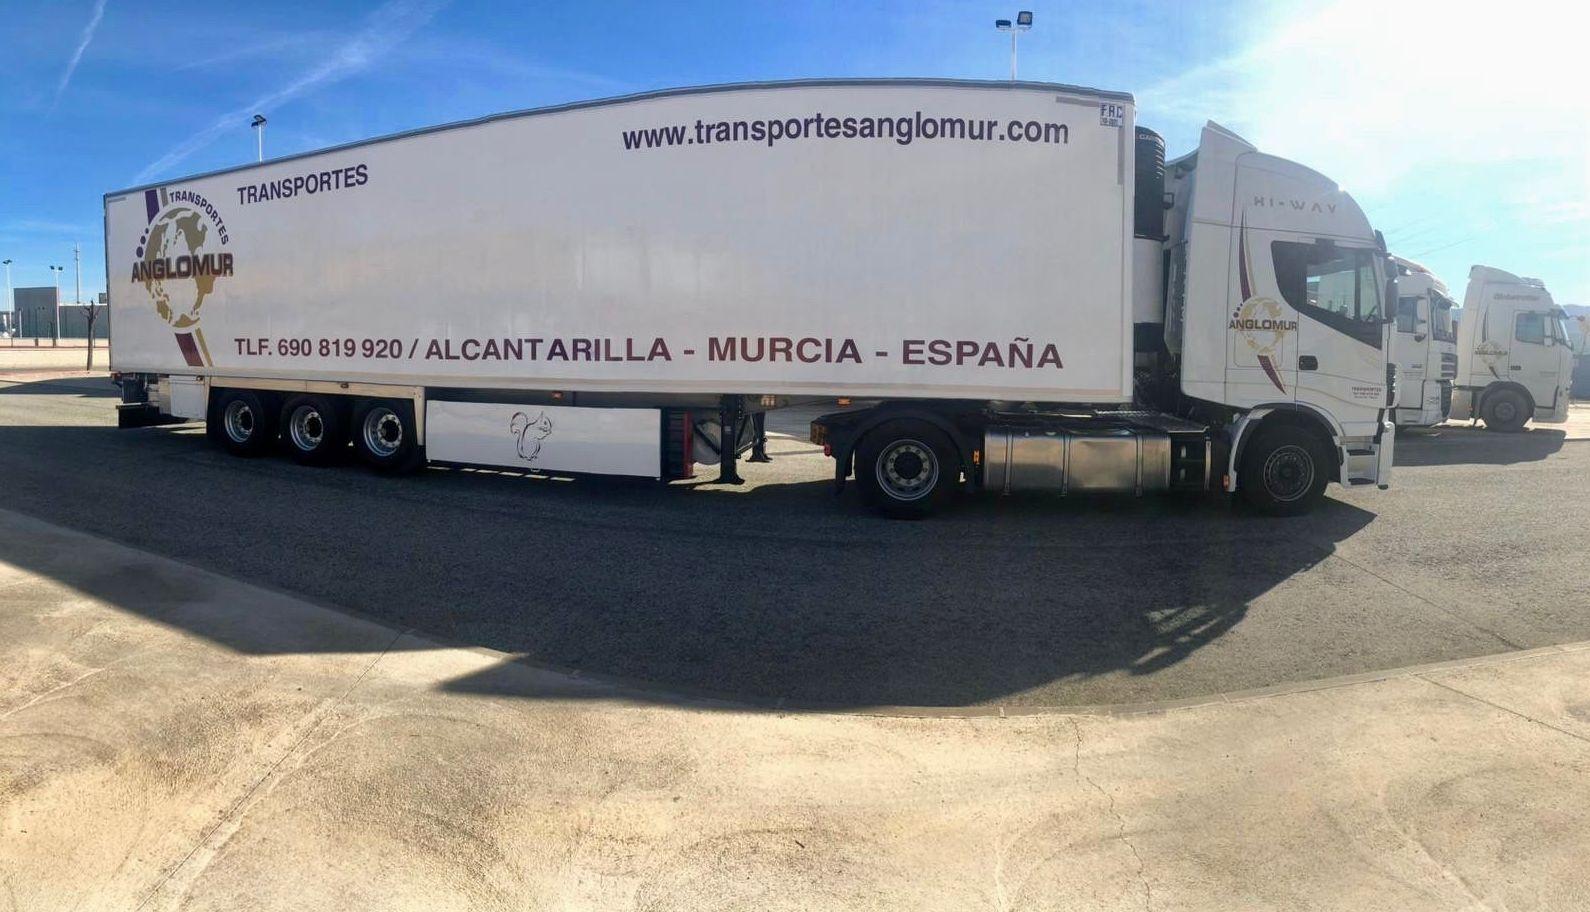 Foto 4 de Transporte de mercancías por carretera en Alcantarilla   Transportes Anglomur, S.L.